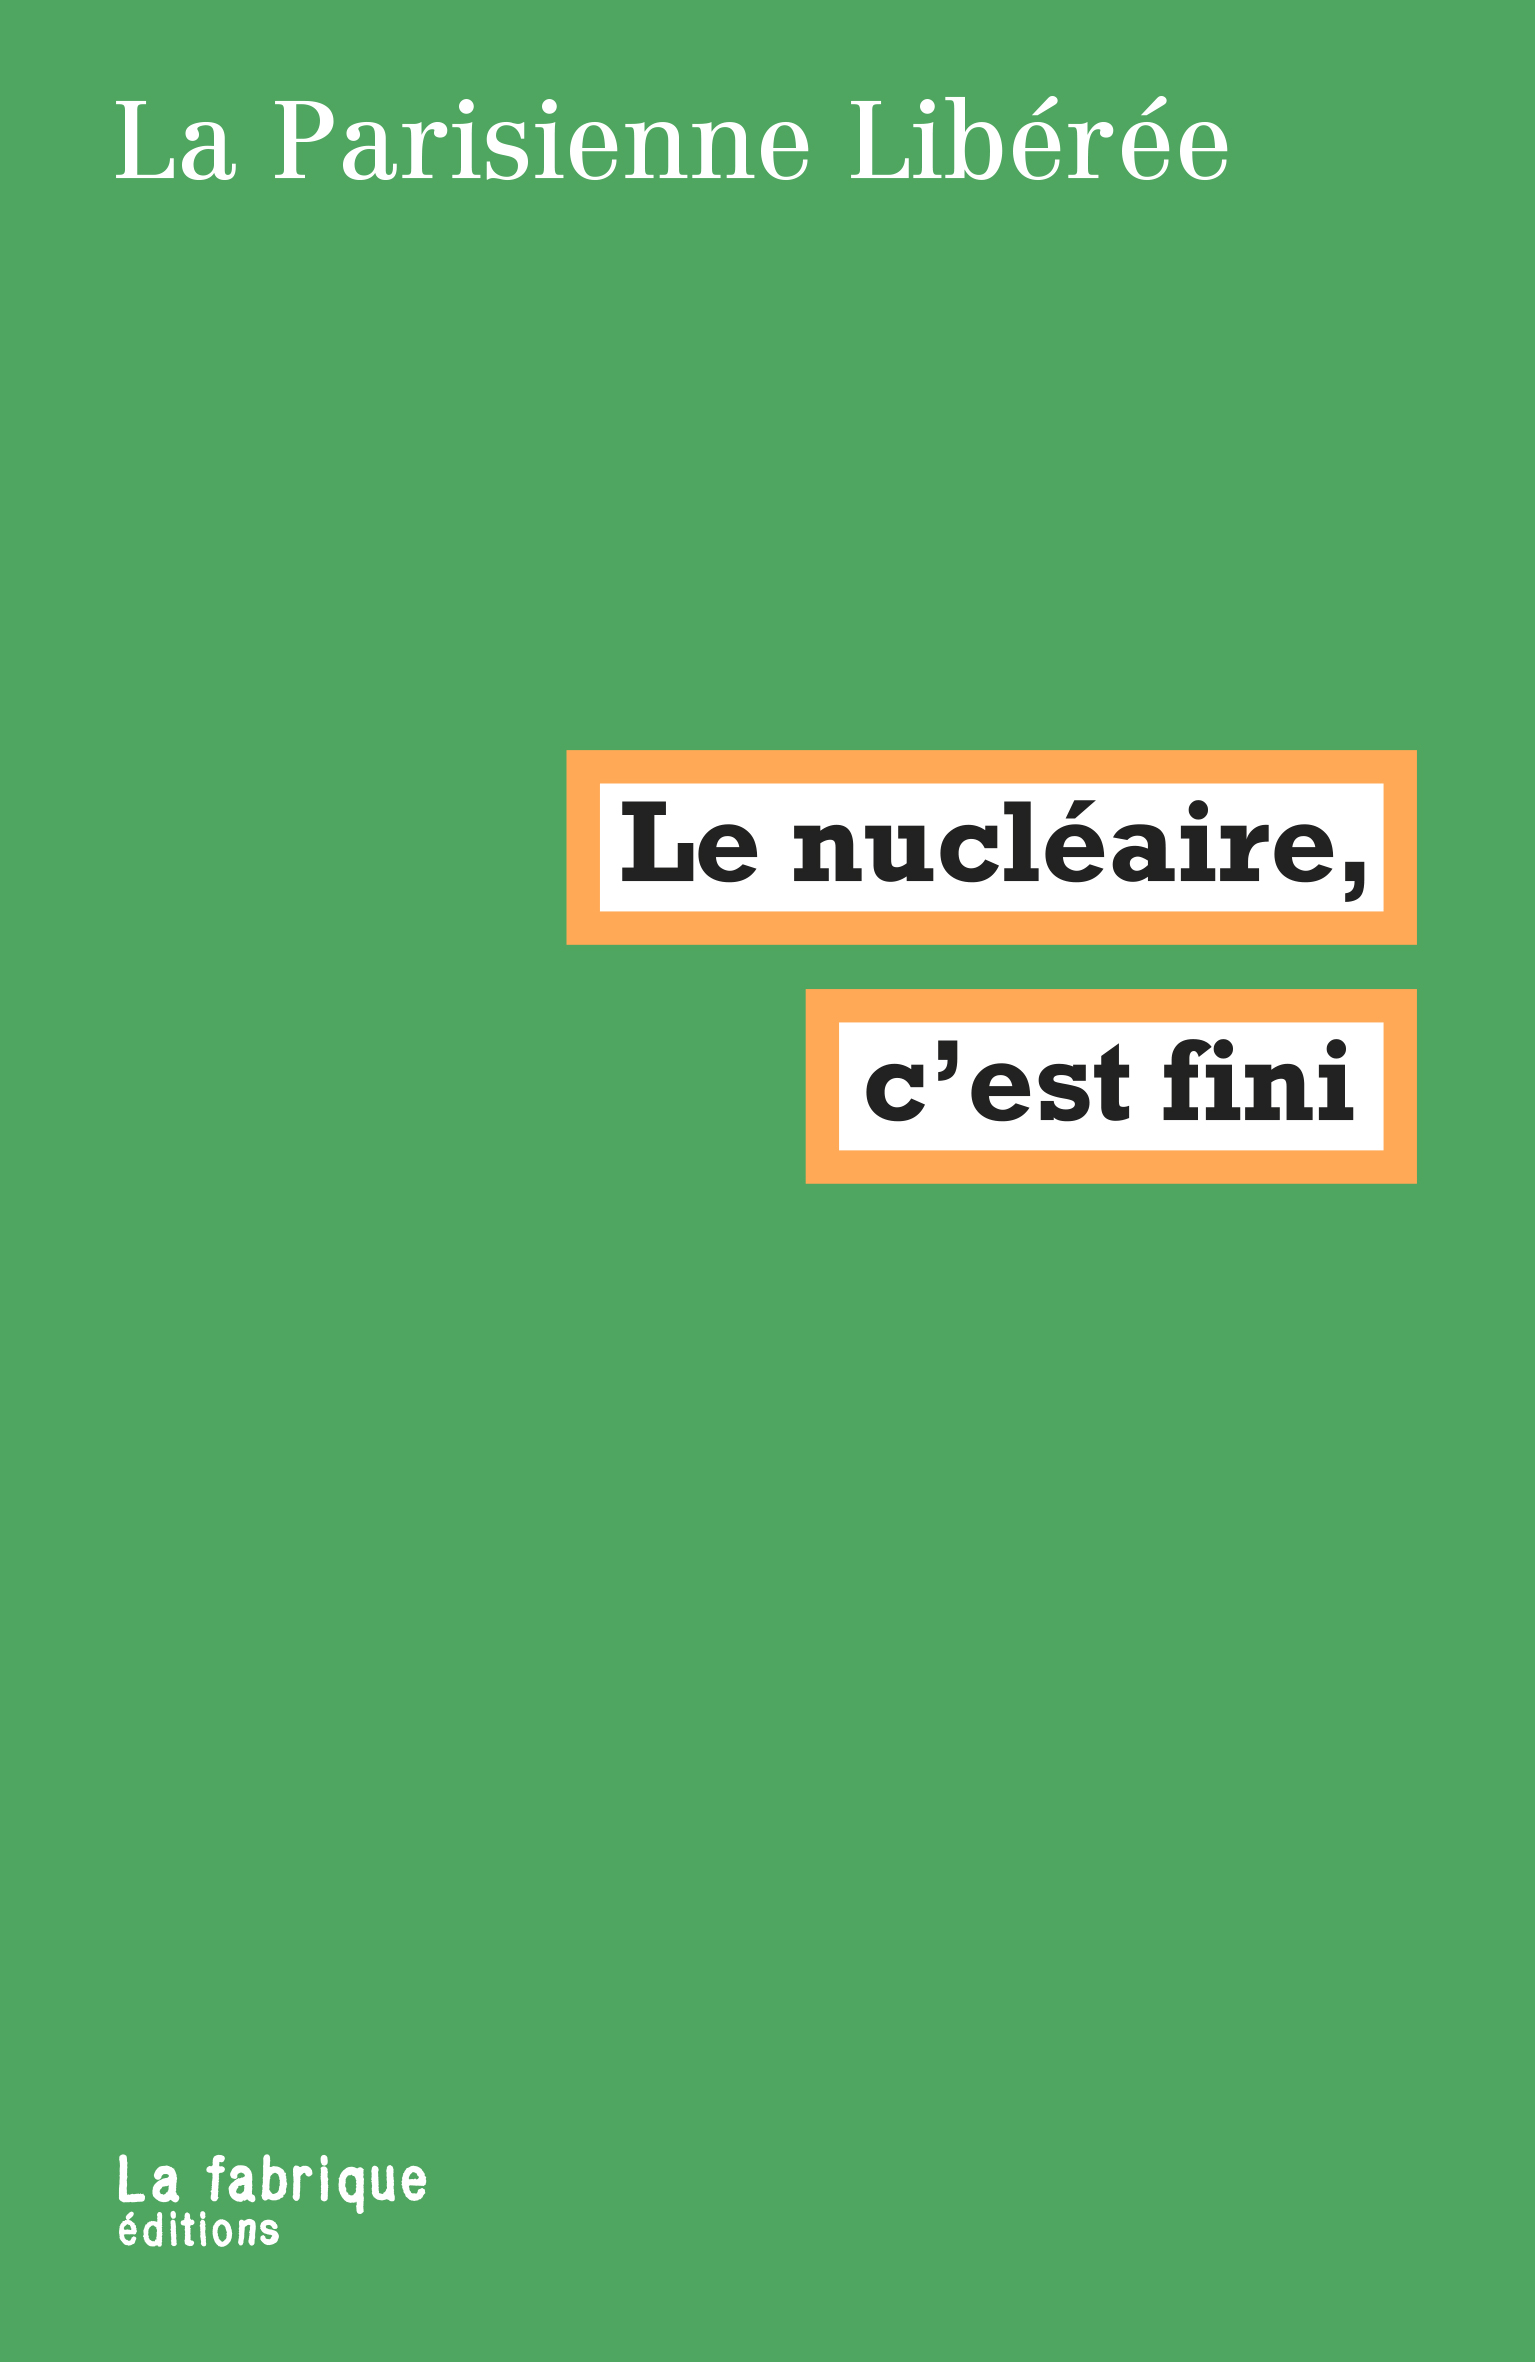 """Résultat de recherche d'images pour """"la parisienne libérée nucléaire la fabrique"""""""